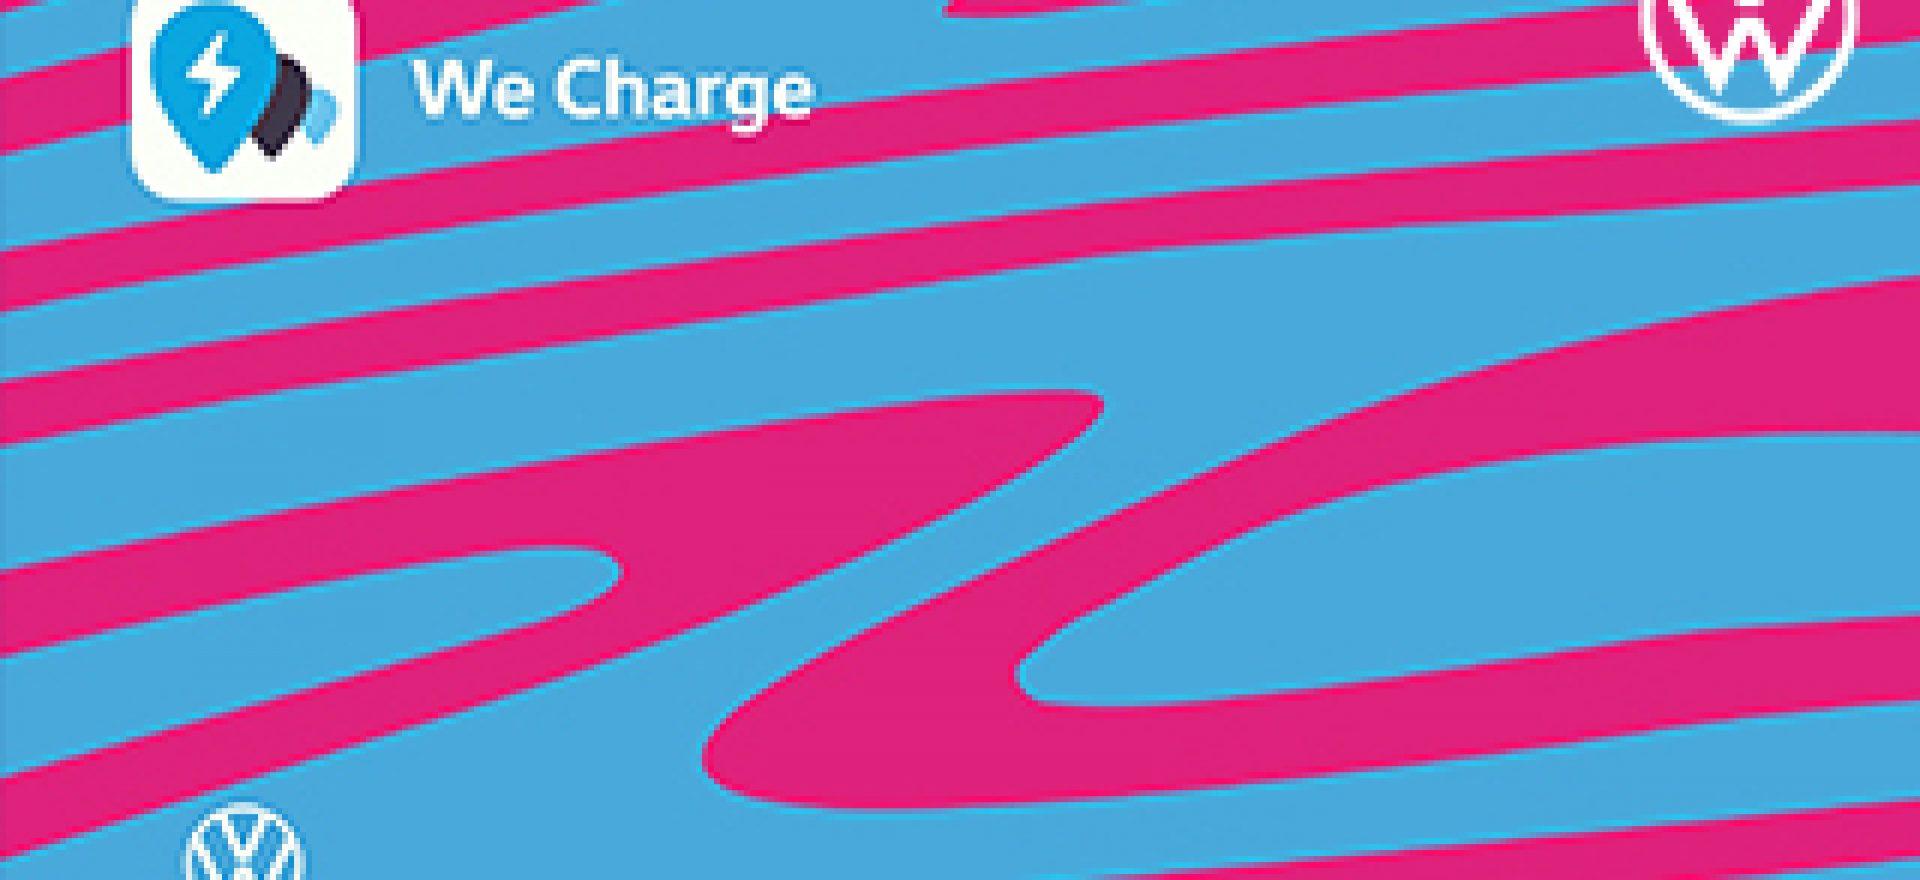 we-charge-dich-vu-sac-danh-cho-xe-dien-moi-cua-vw-avatar